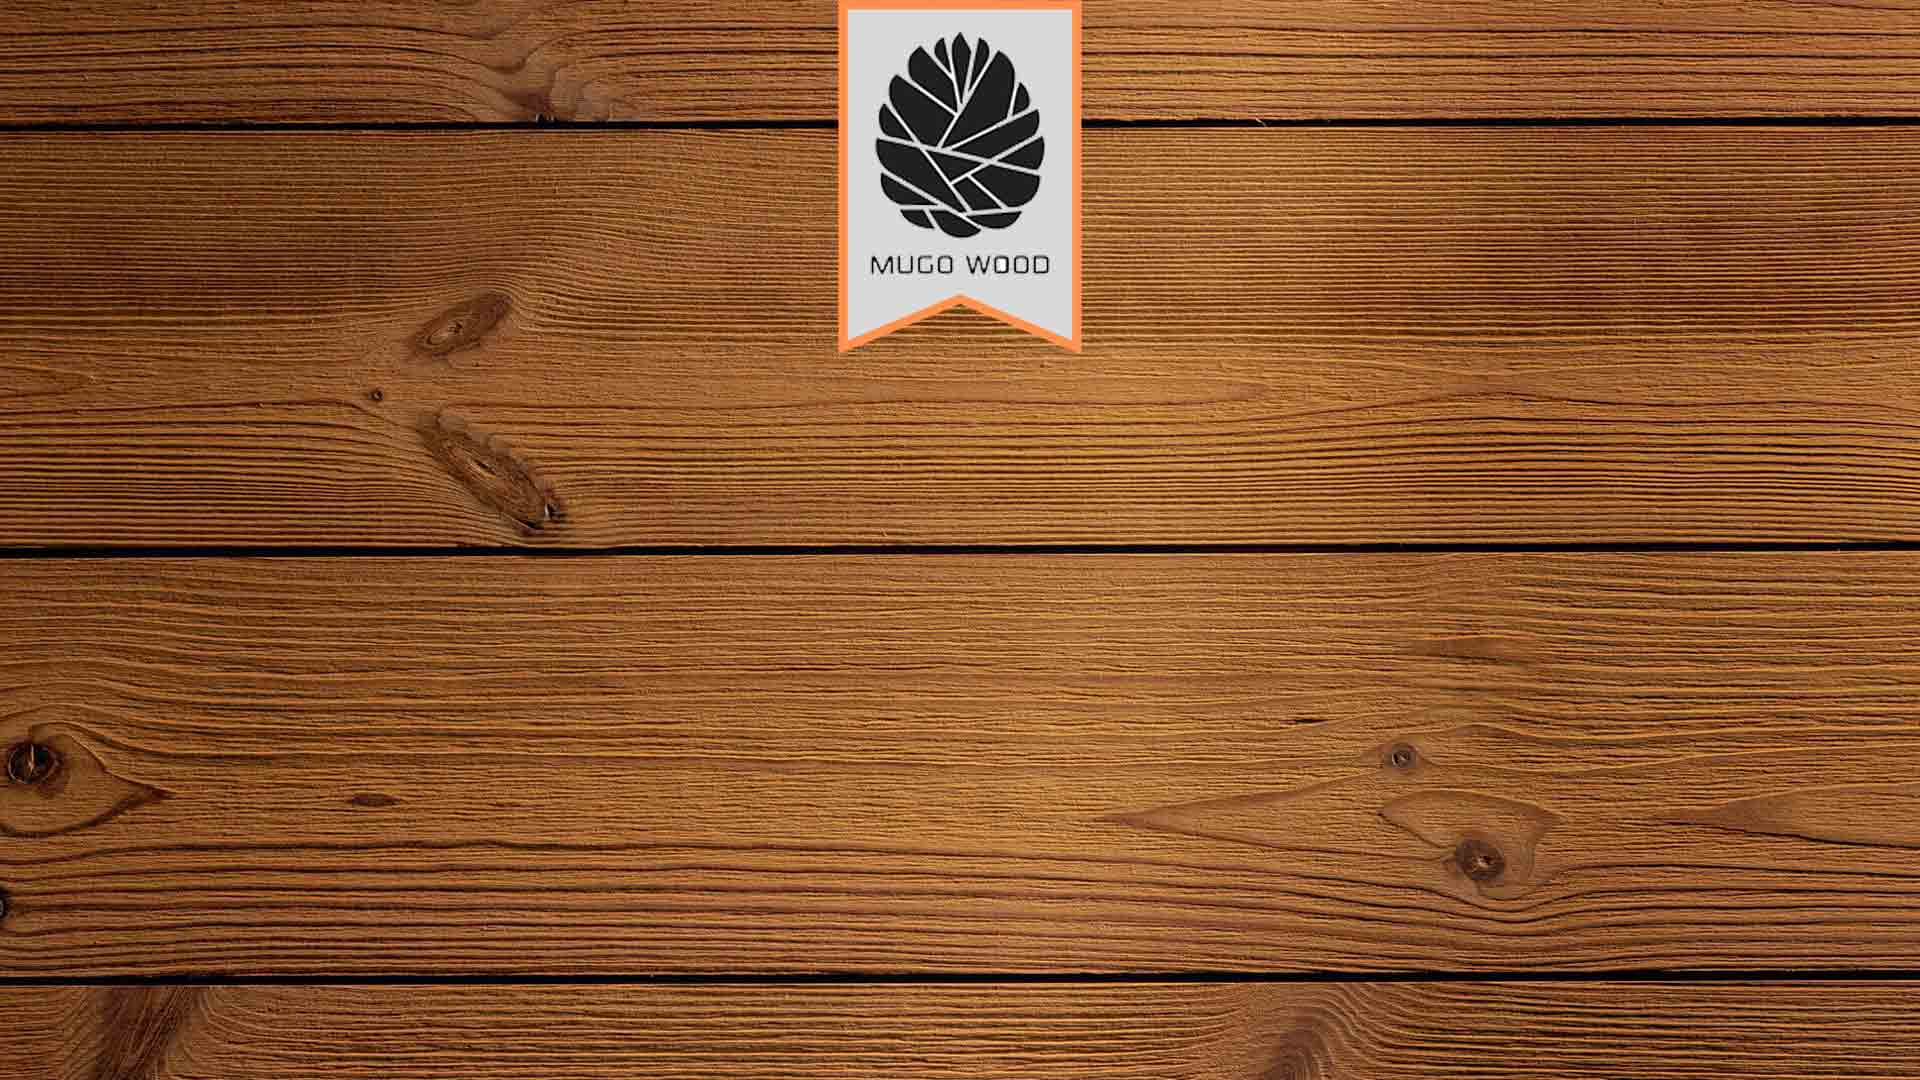 چوب ترمو شیراز | موگو وود | چوب ترمو | ترموود | ترمووود | قیمت چوب ترمو | انواع چوب ترمو | ترموود | ترمووود | چوب ترموود | رنگ ترموود | رنگ ترمووود | ترموود ایرانی | ترمووود ایرانی | چوب ترمو ایرانی |